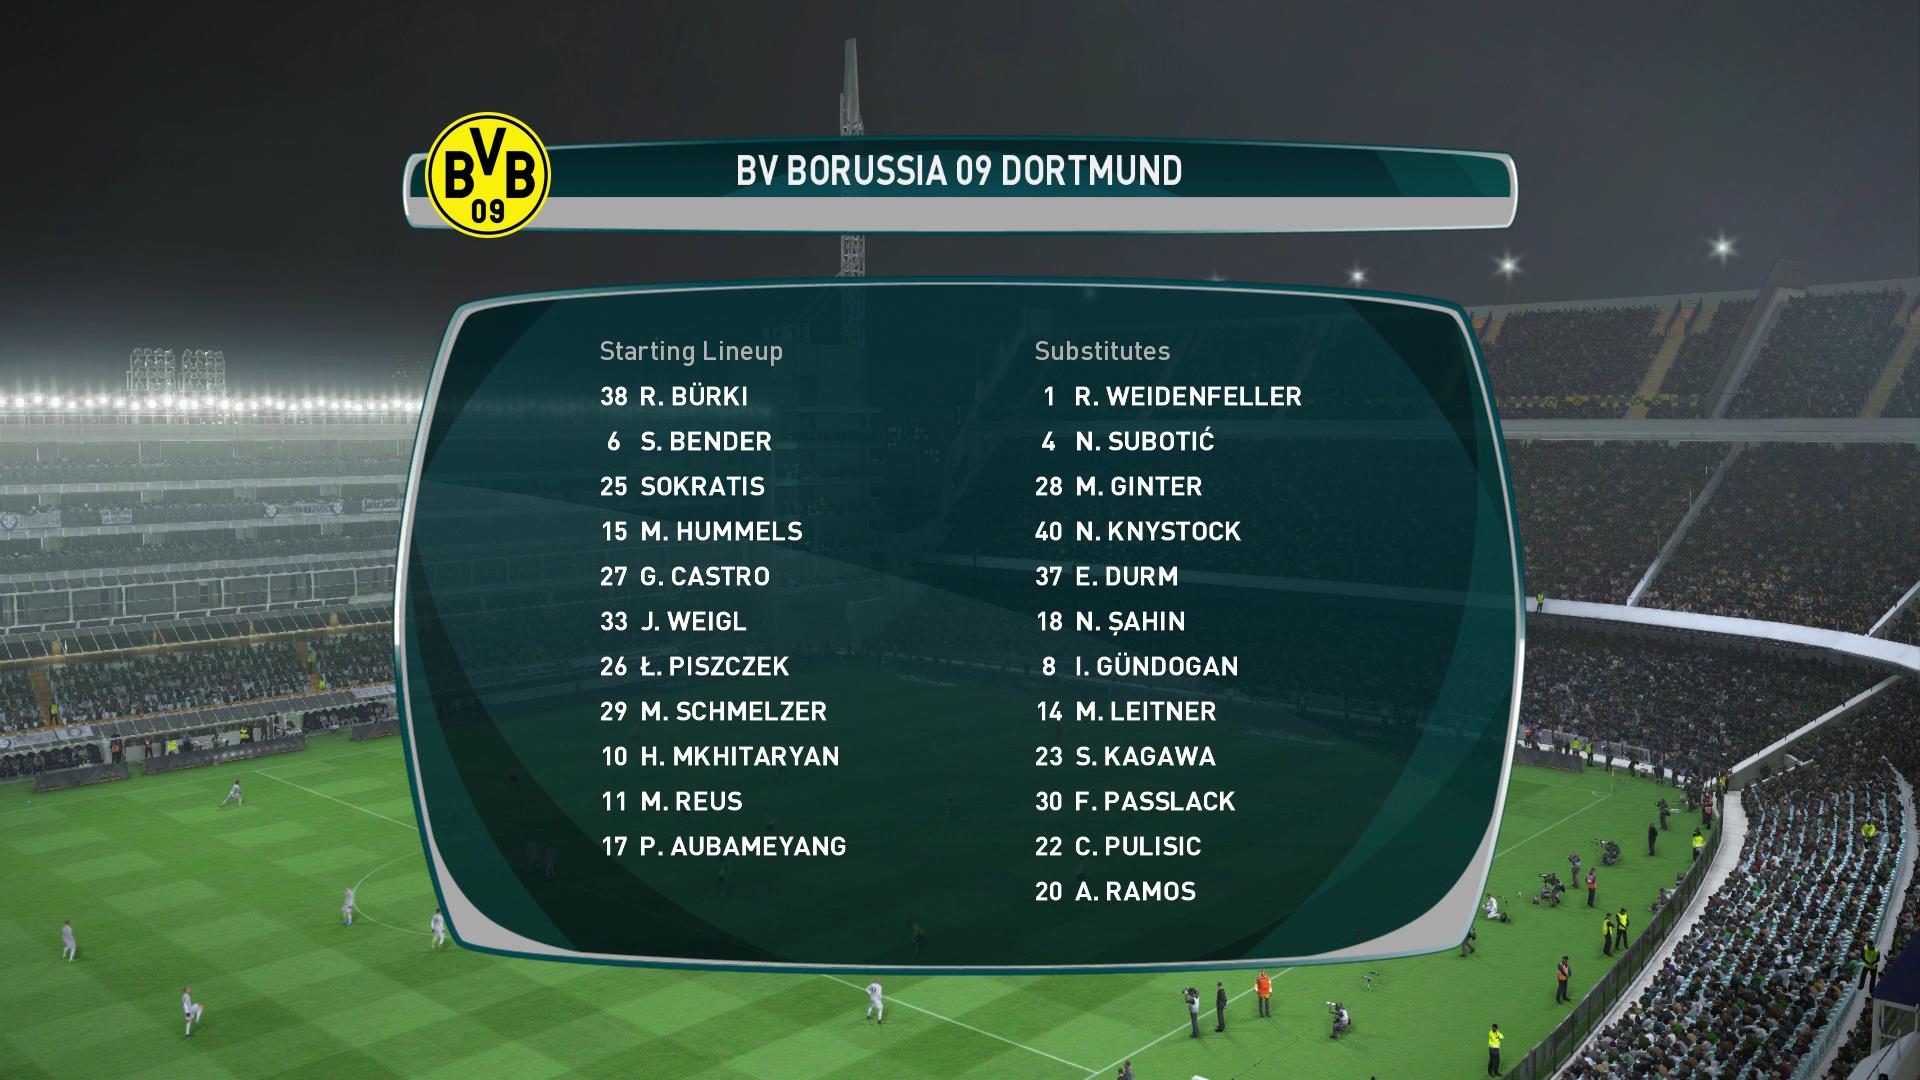 PES 2017 Dortmund lineup